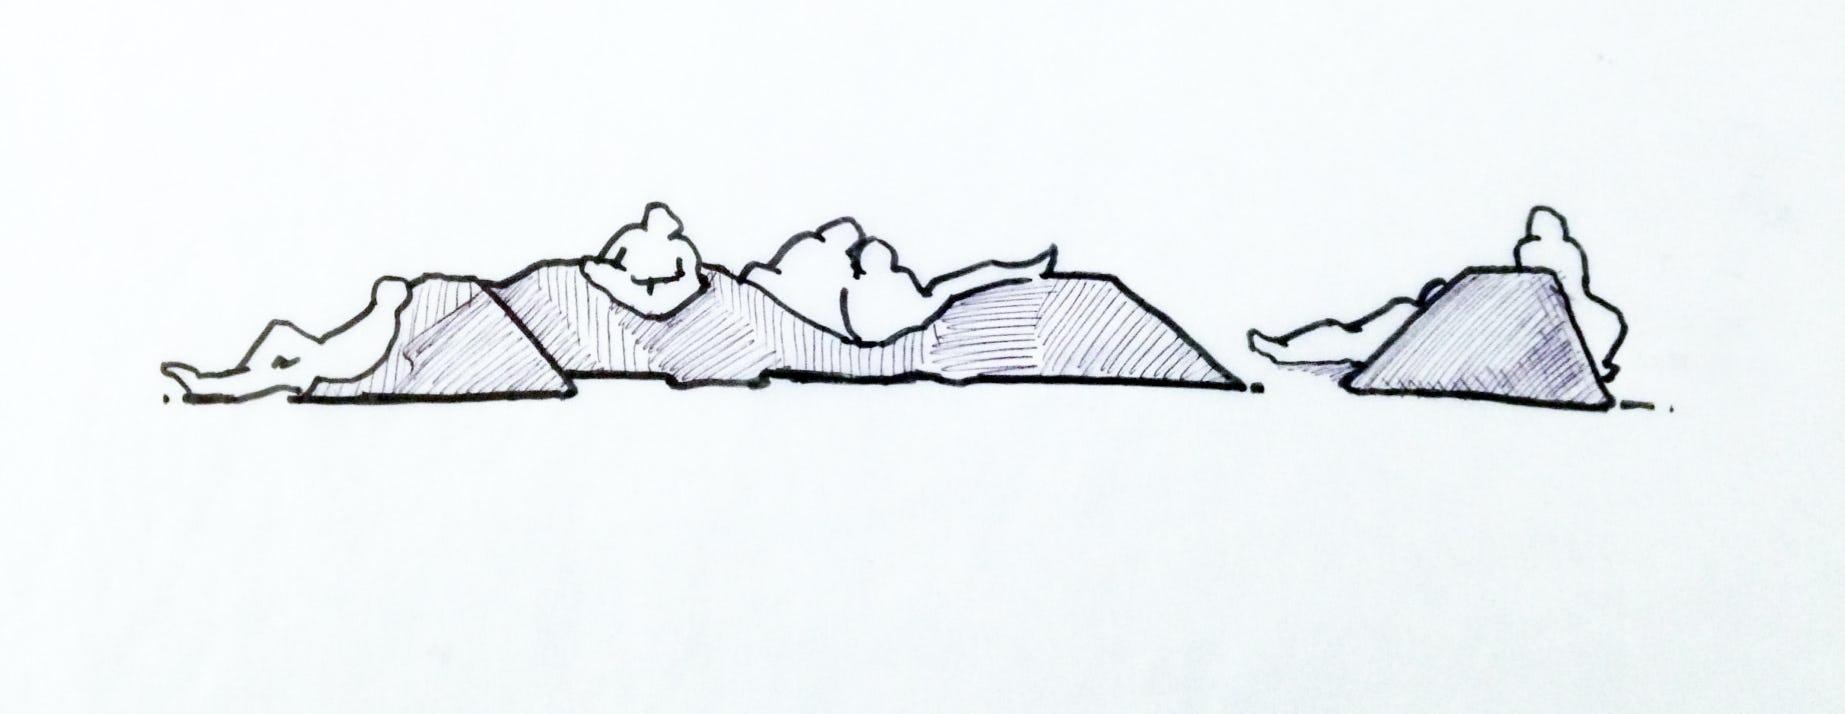 Omca scenario sketch1